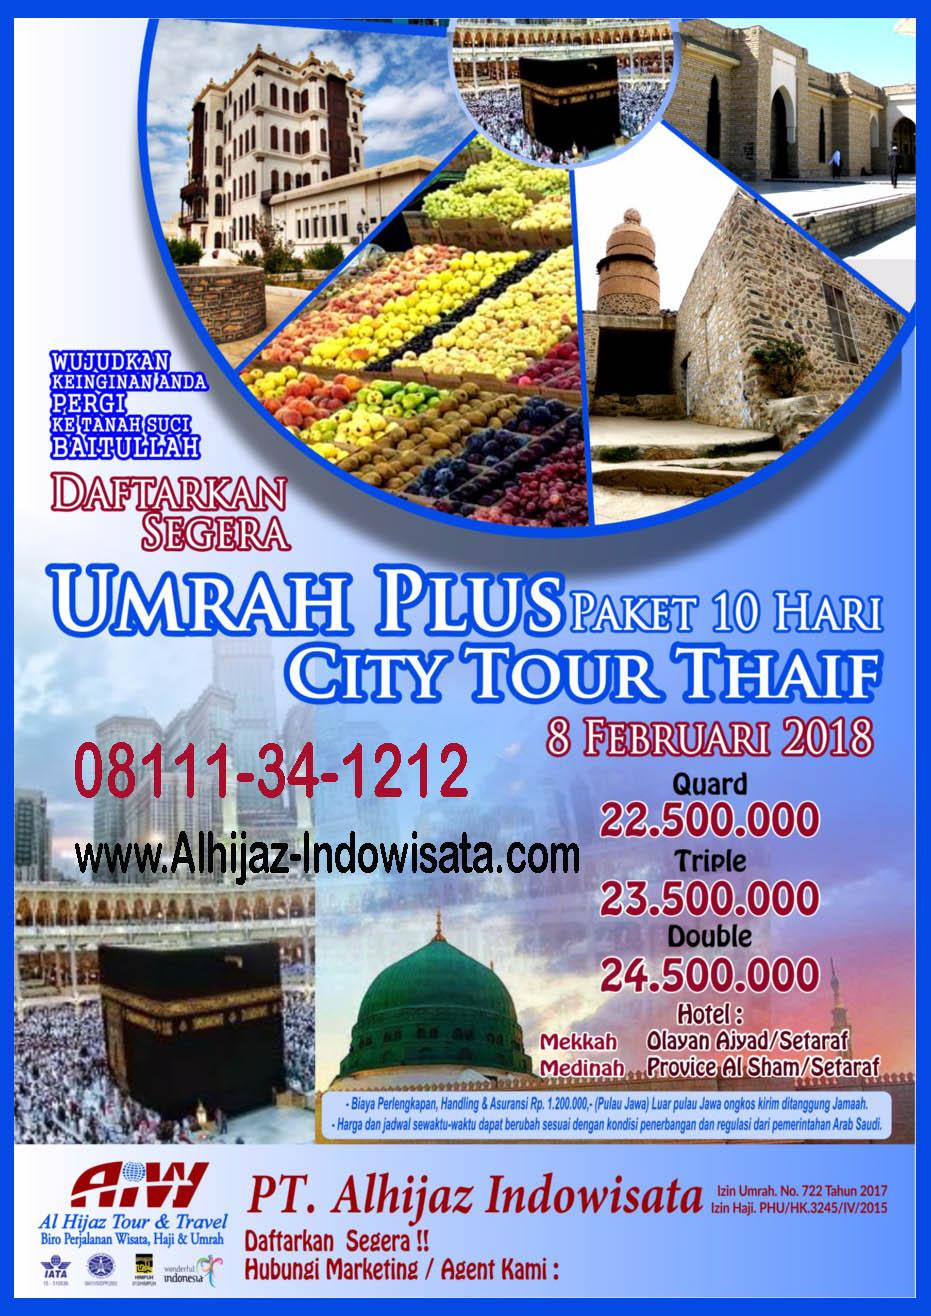 Umroh Tour Thaif CP. 08111-34-1212